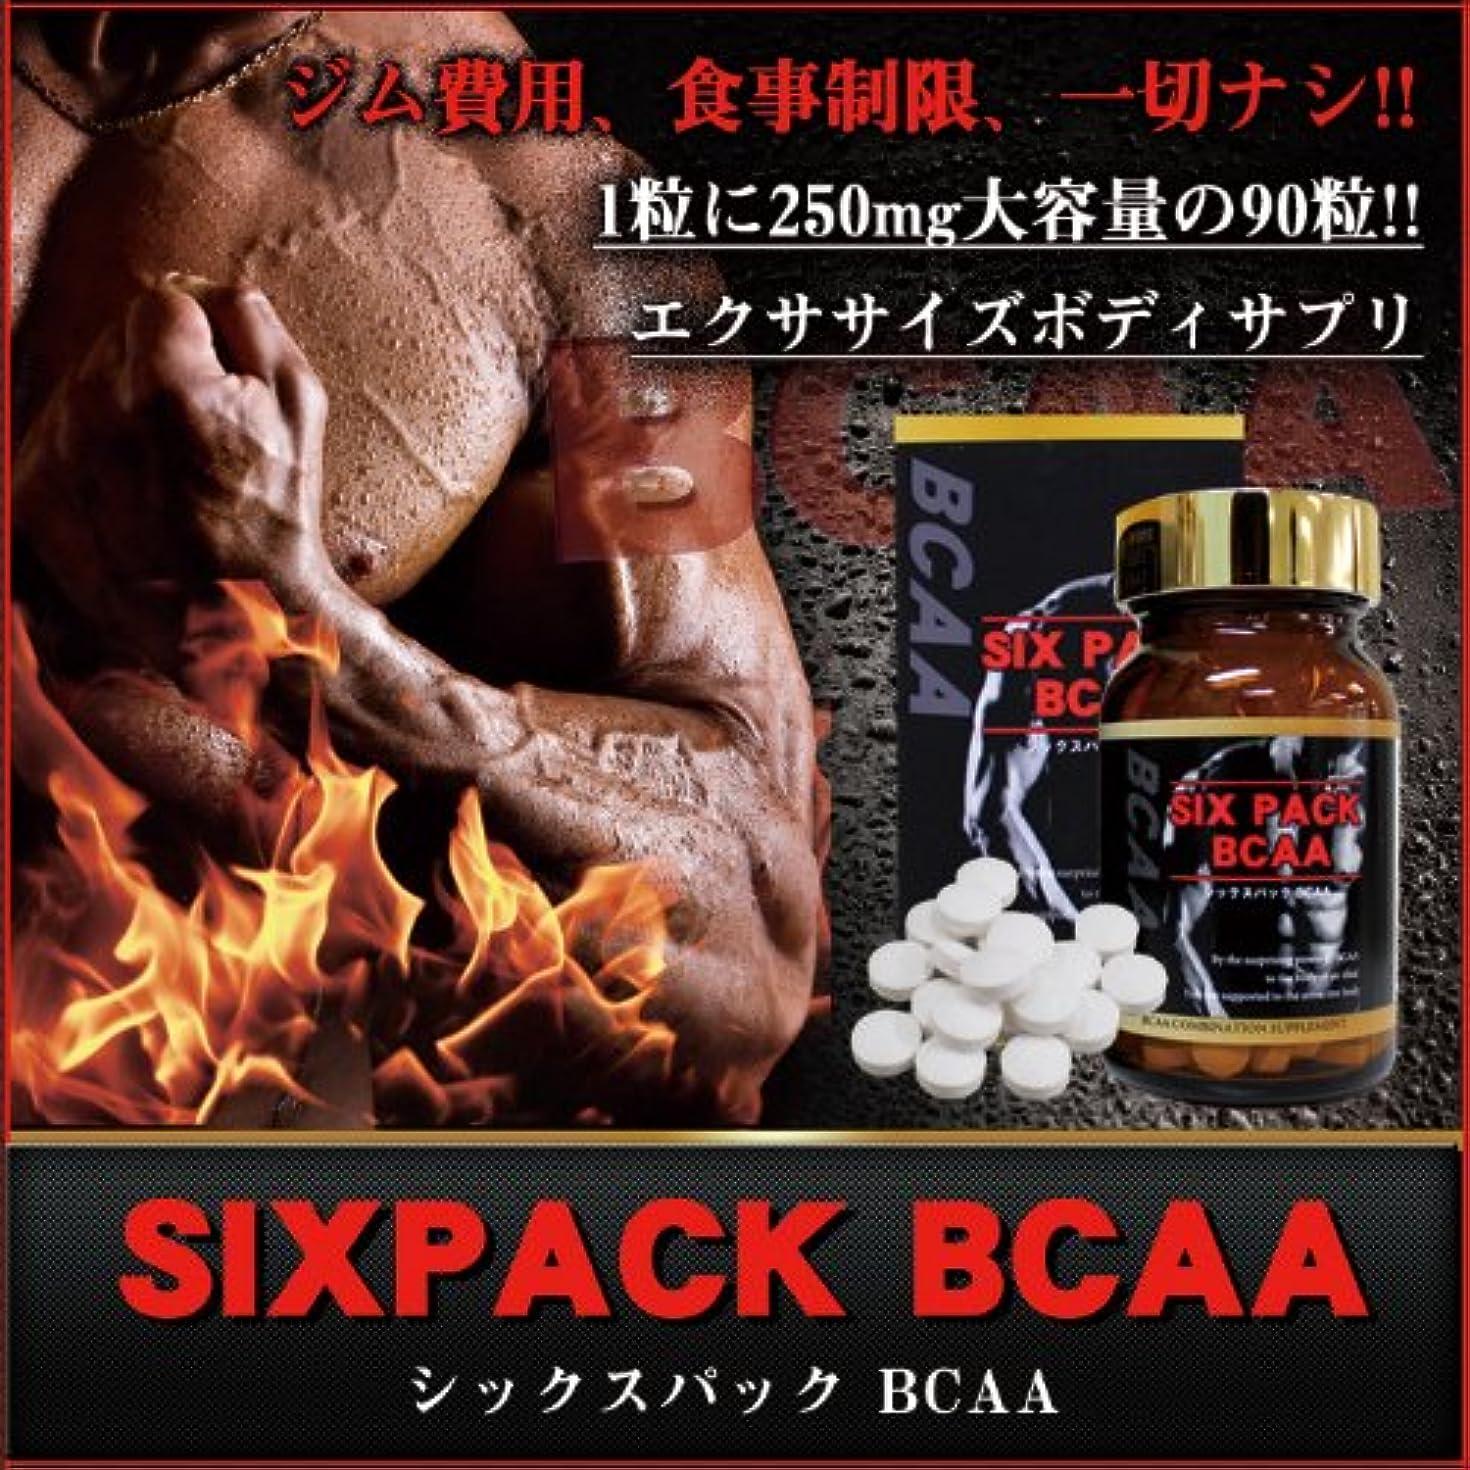 れる鹿シックスパックBCAA (バリン+ロイシン+イソロイシン配合エクササイズボディサプリ)